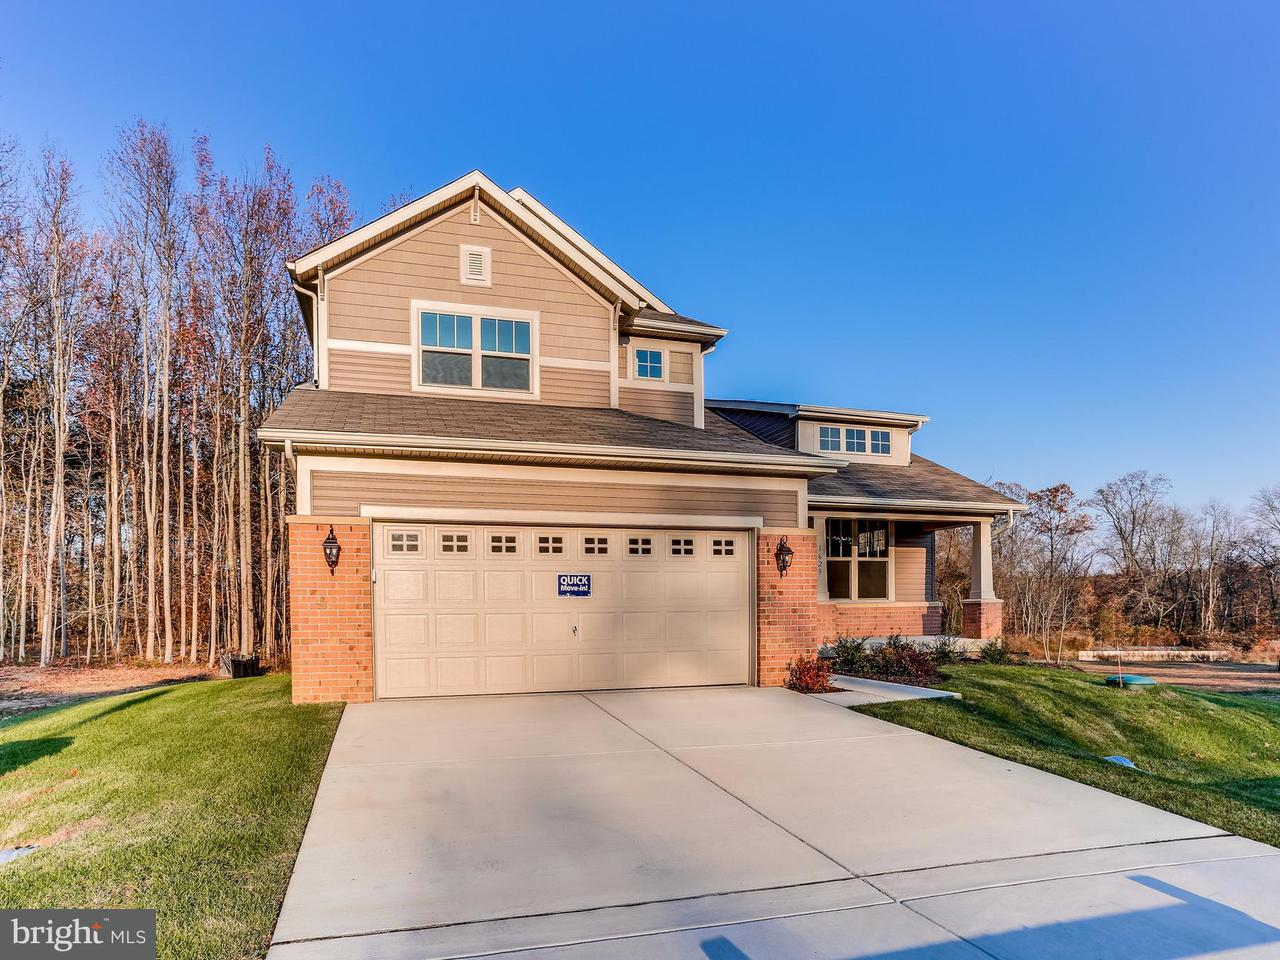 Частный односемейный дом для того Продажа на 1629 HEKLA Lane 1629 HEKLA Lane Harmans, Мэриленд 21077 Соединенные Штаты